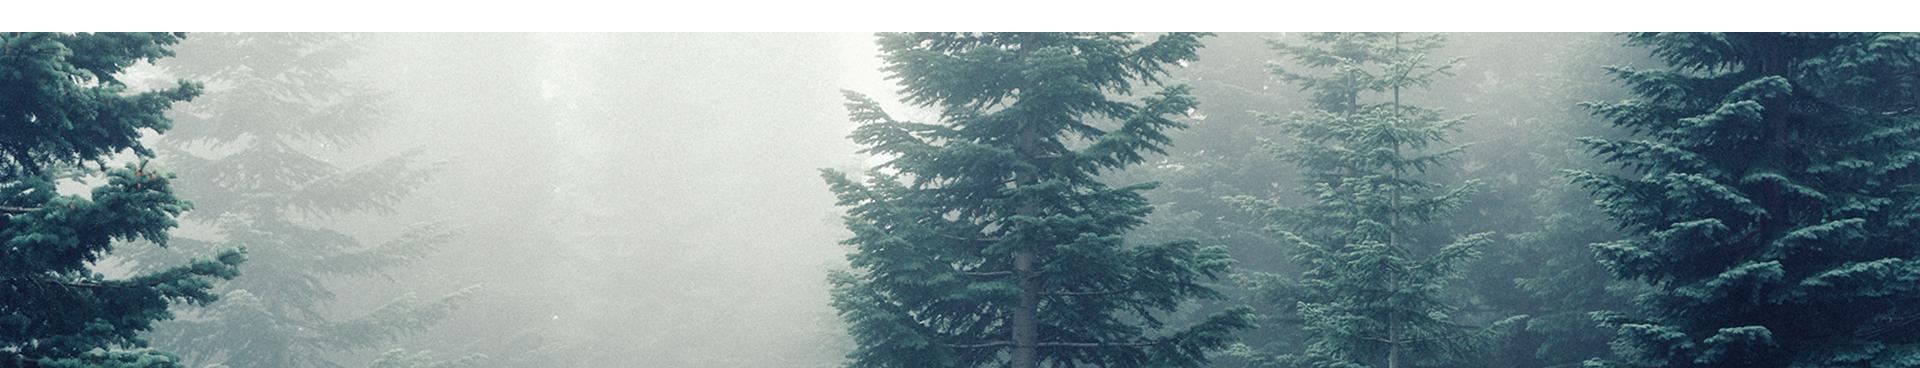 Fir Tree Partners.jpg